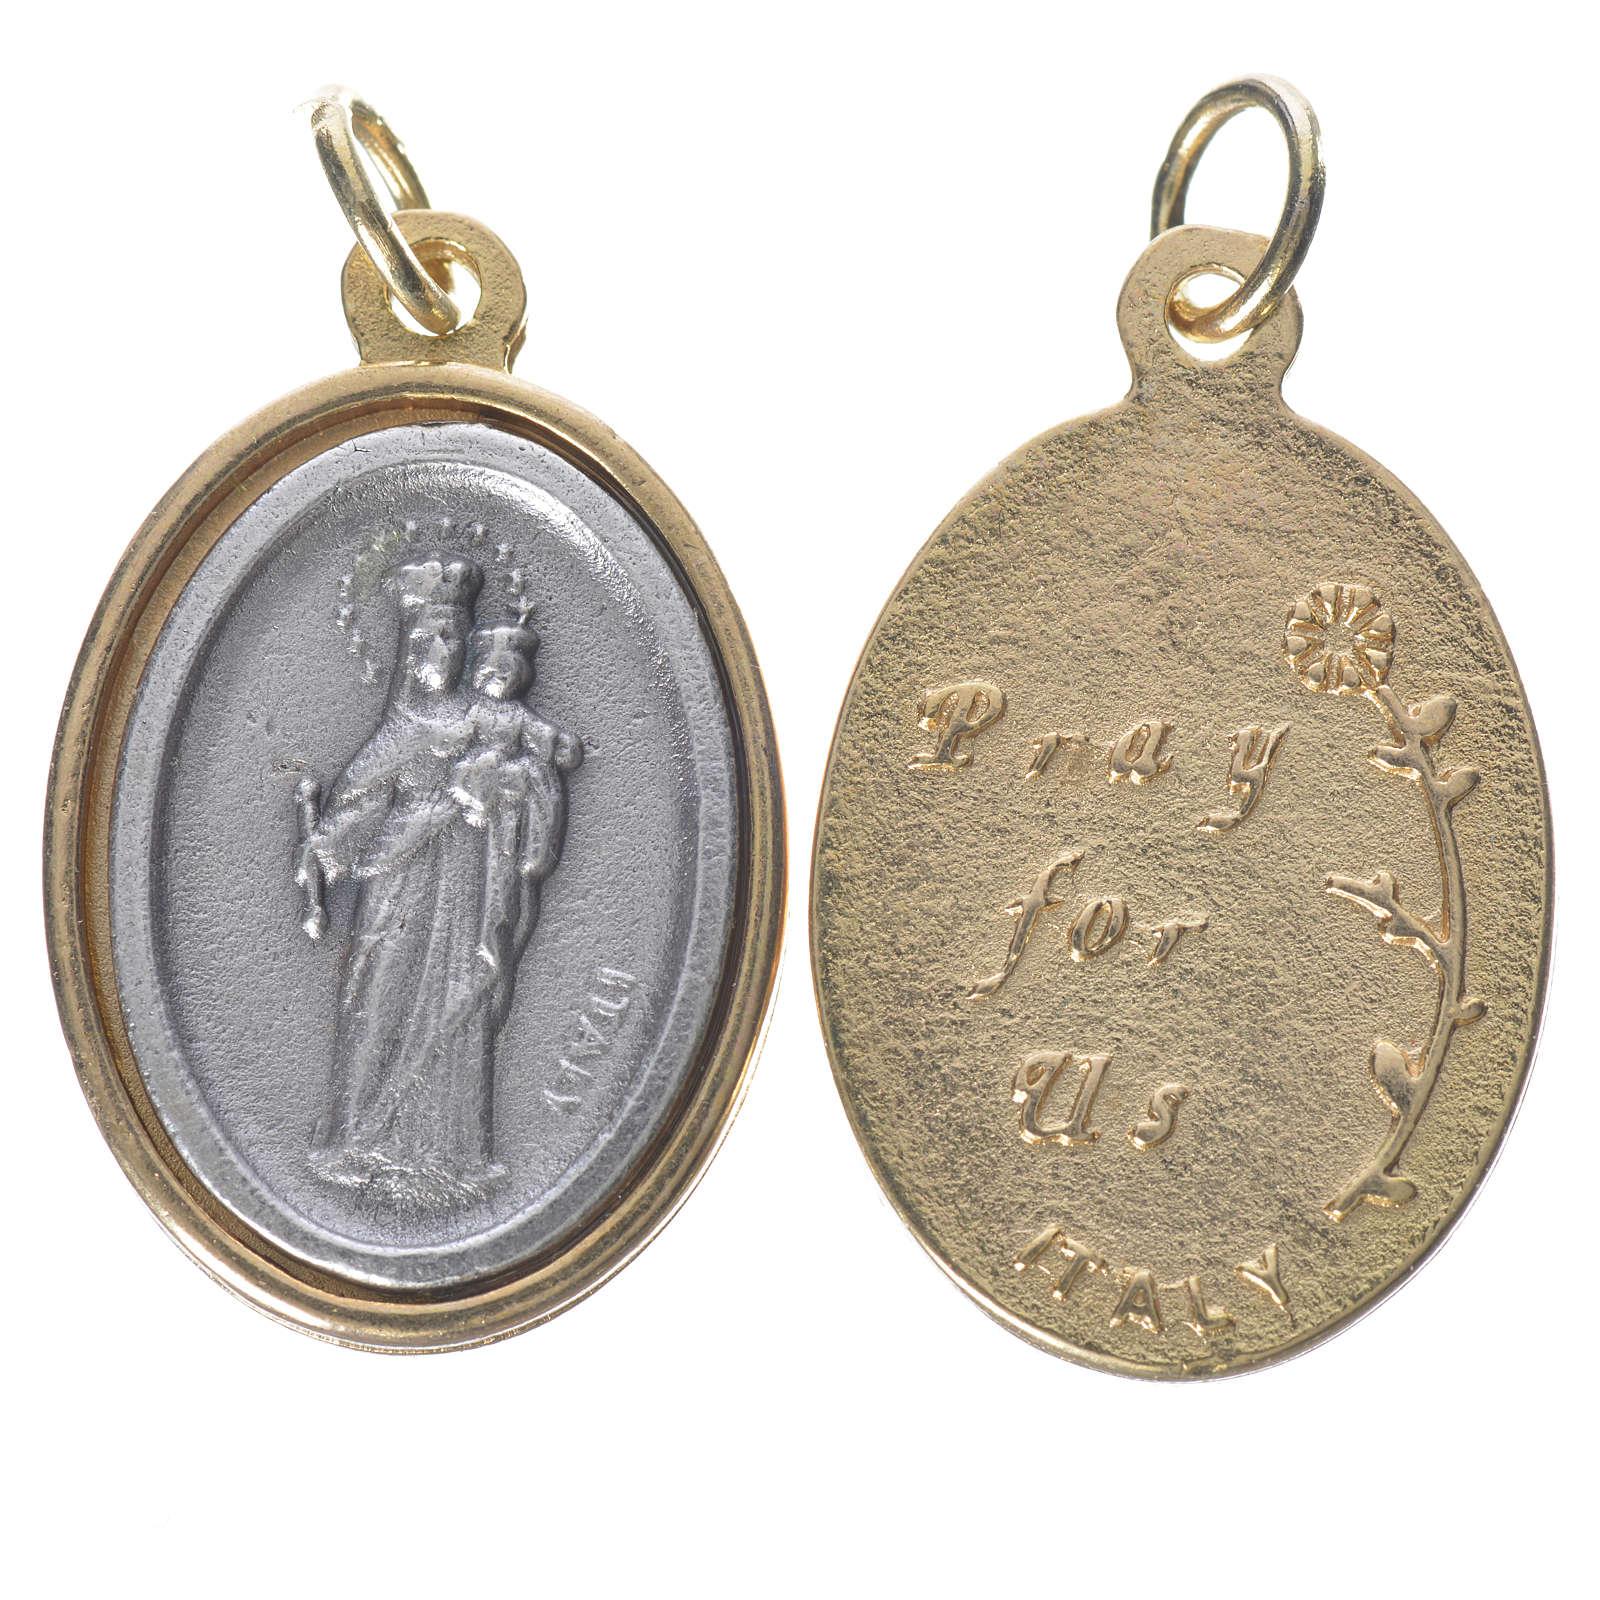 Medalha Maria Auxiliadora metal dourado prateado 2,5 cm 4